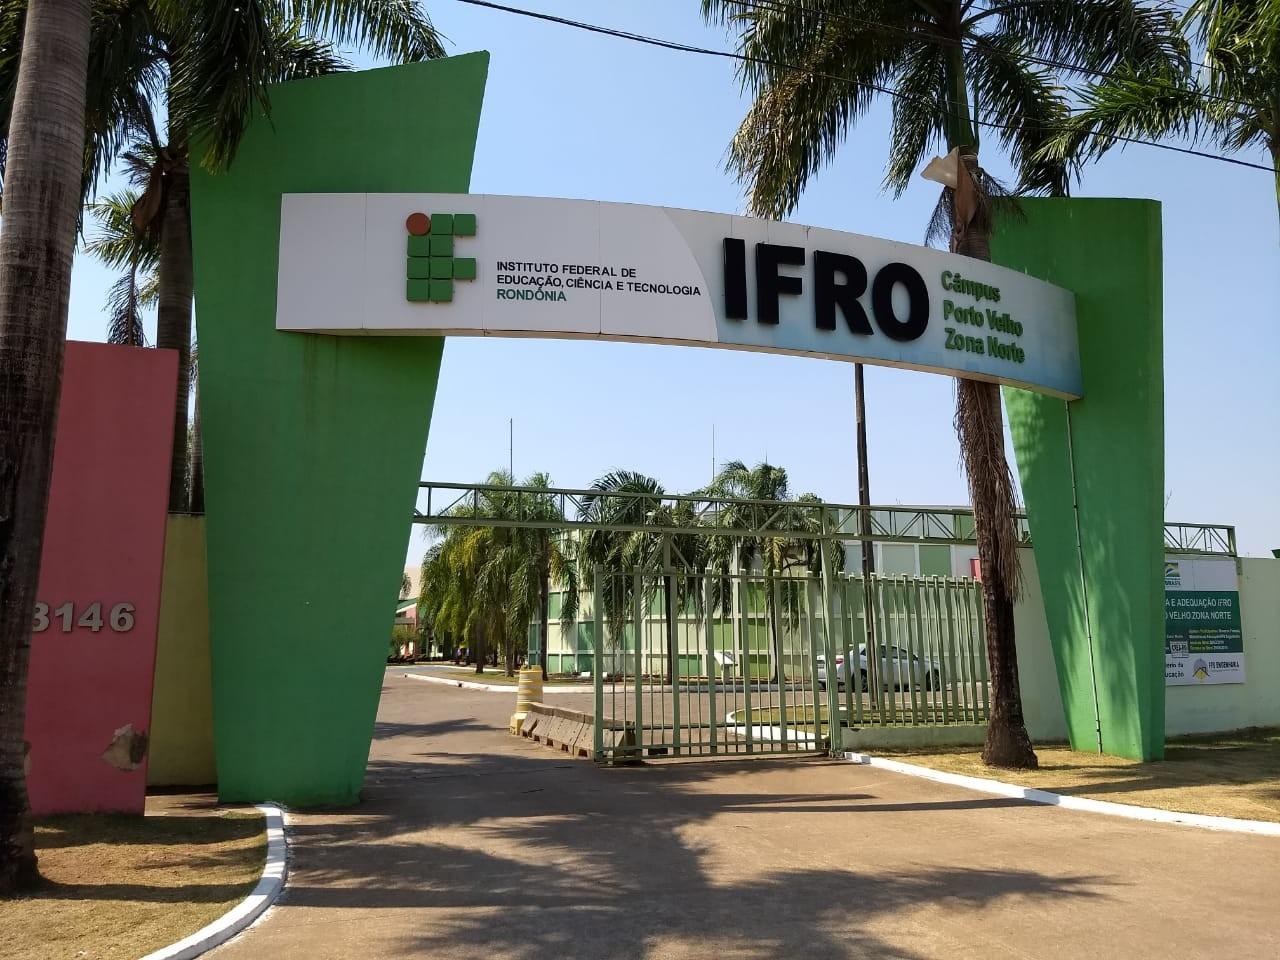 Ifro abre quase 3 mil vagas para cursos técnicos e graduação em Rondônia - Notícias - Plantão Diário